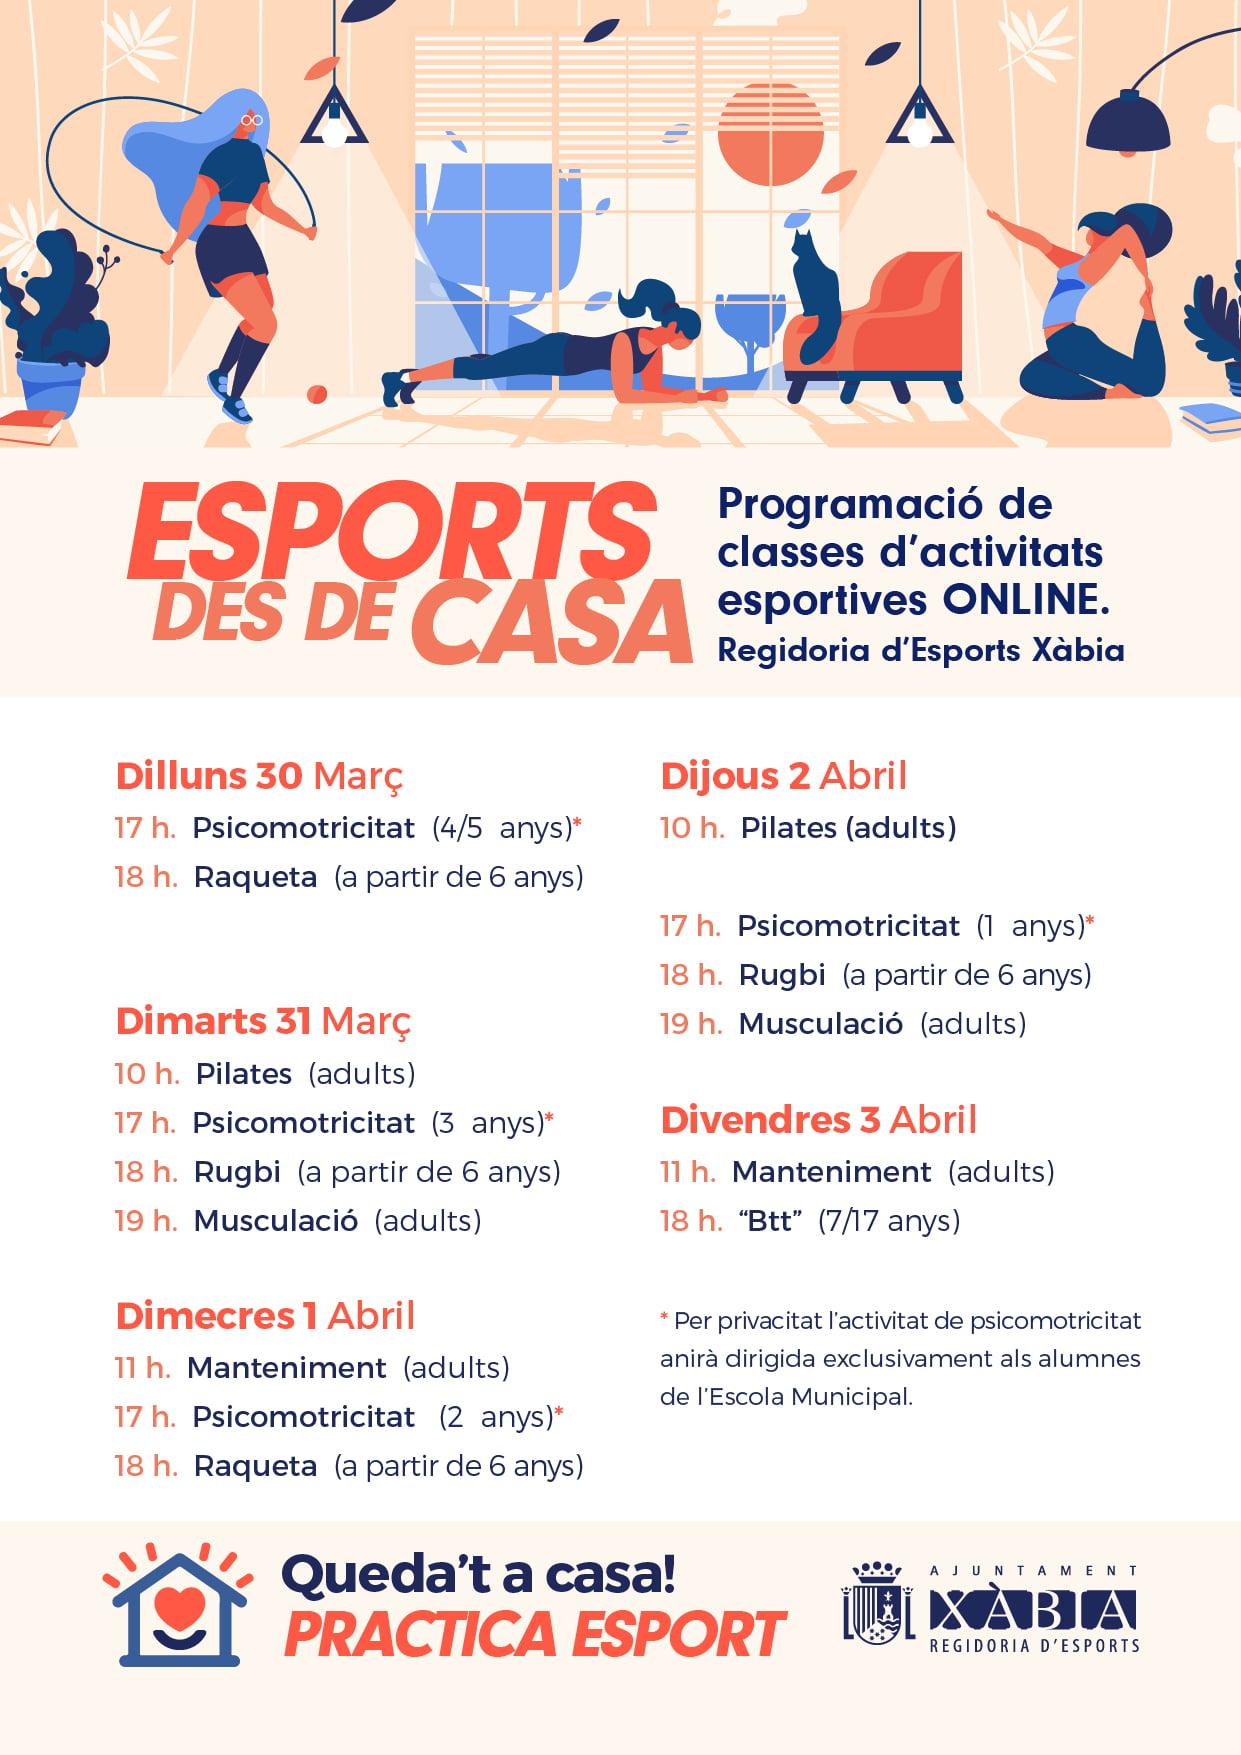 Programación de clases deportivas online